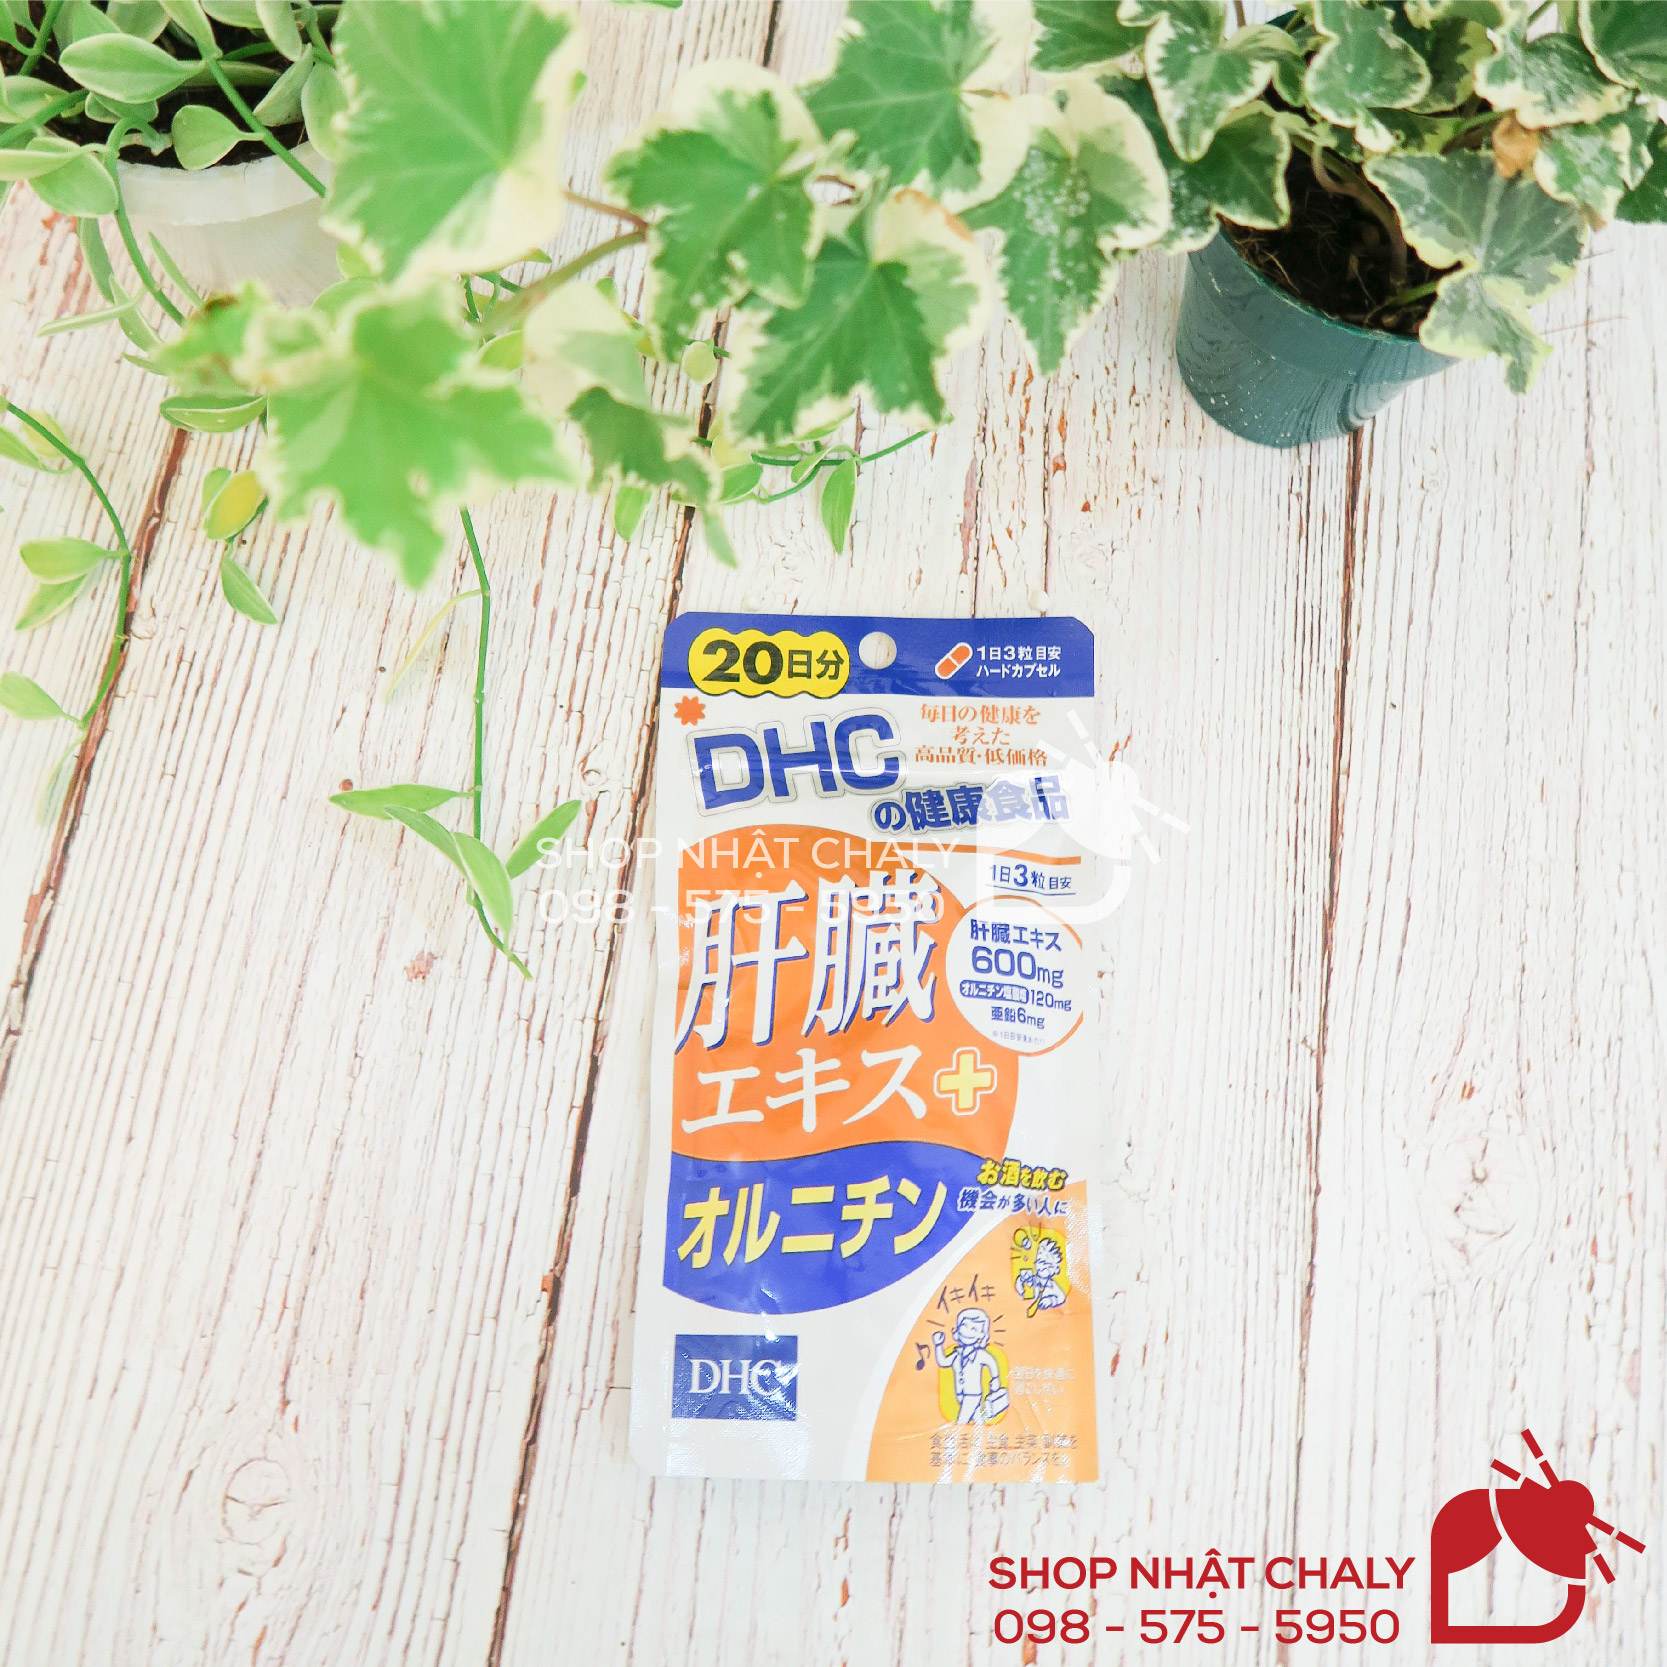 Viên thuốc mát gan ở Nhật Bản DHC 60 viên 60 ngày đặc biệt tốt cho người nóng trong, thường xuyên bia rượu, lười ăn rau, giúp hỗ trợ thải độc cho gan, trị mụn, giảm nguy cơ xơ gan và ung thư gan